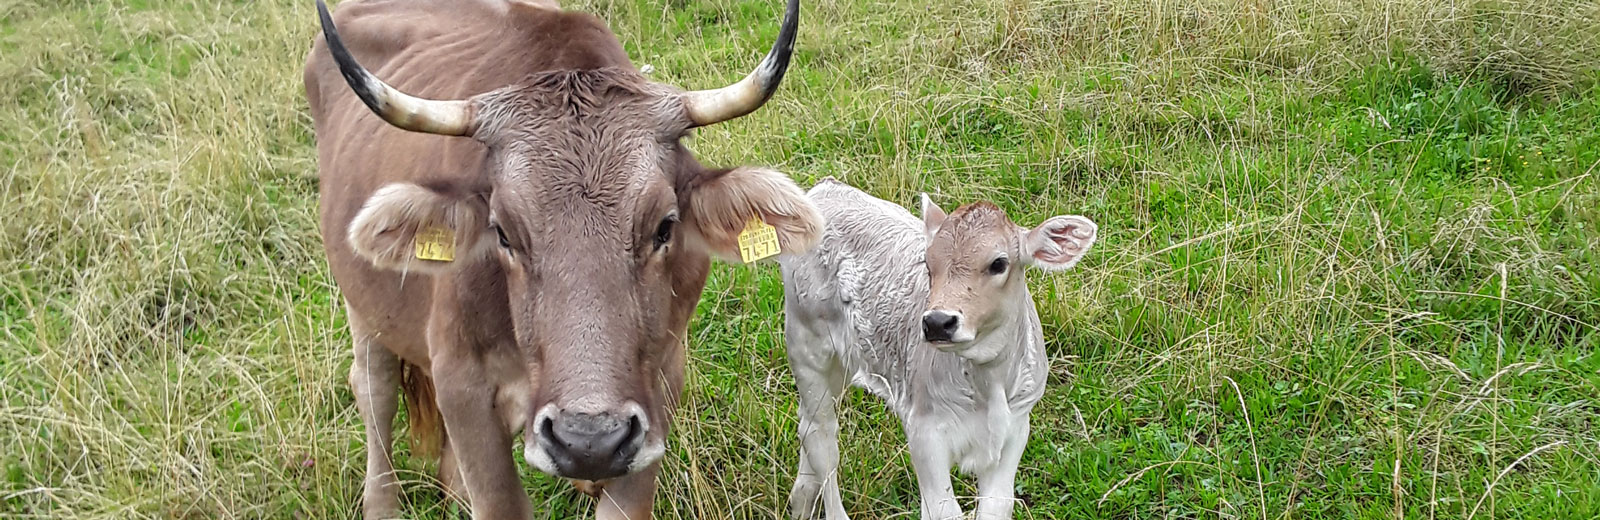 Unsere liebe Brotchorb-Kuh «Imelda»